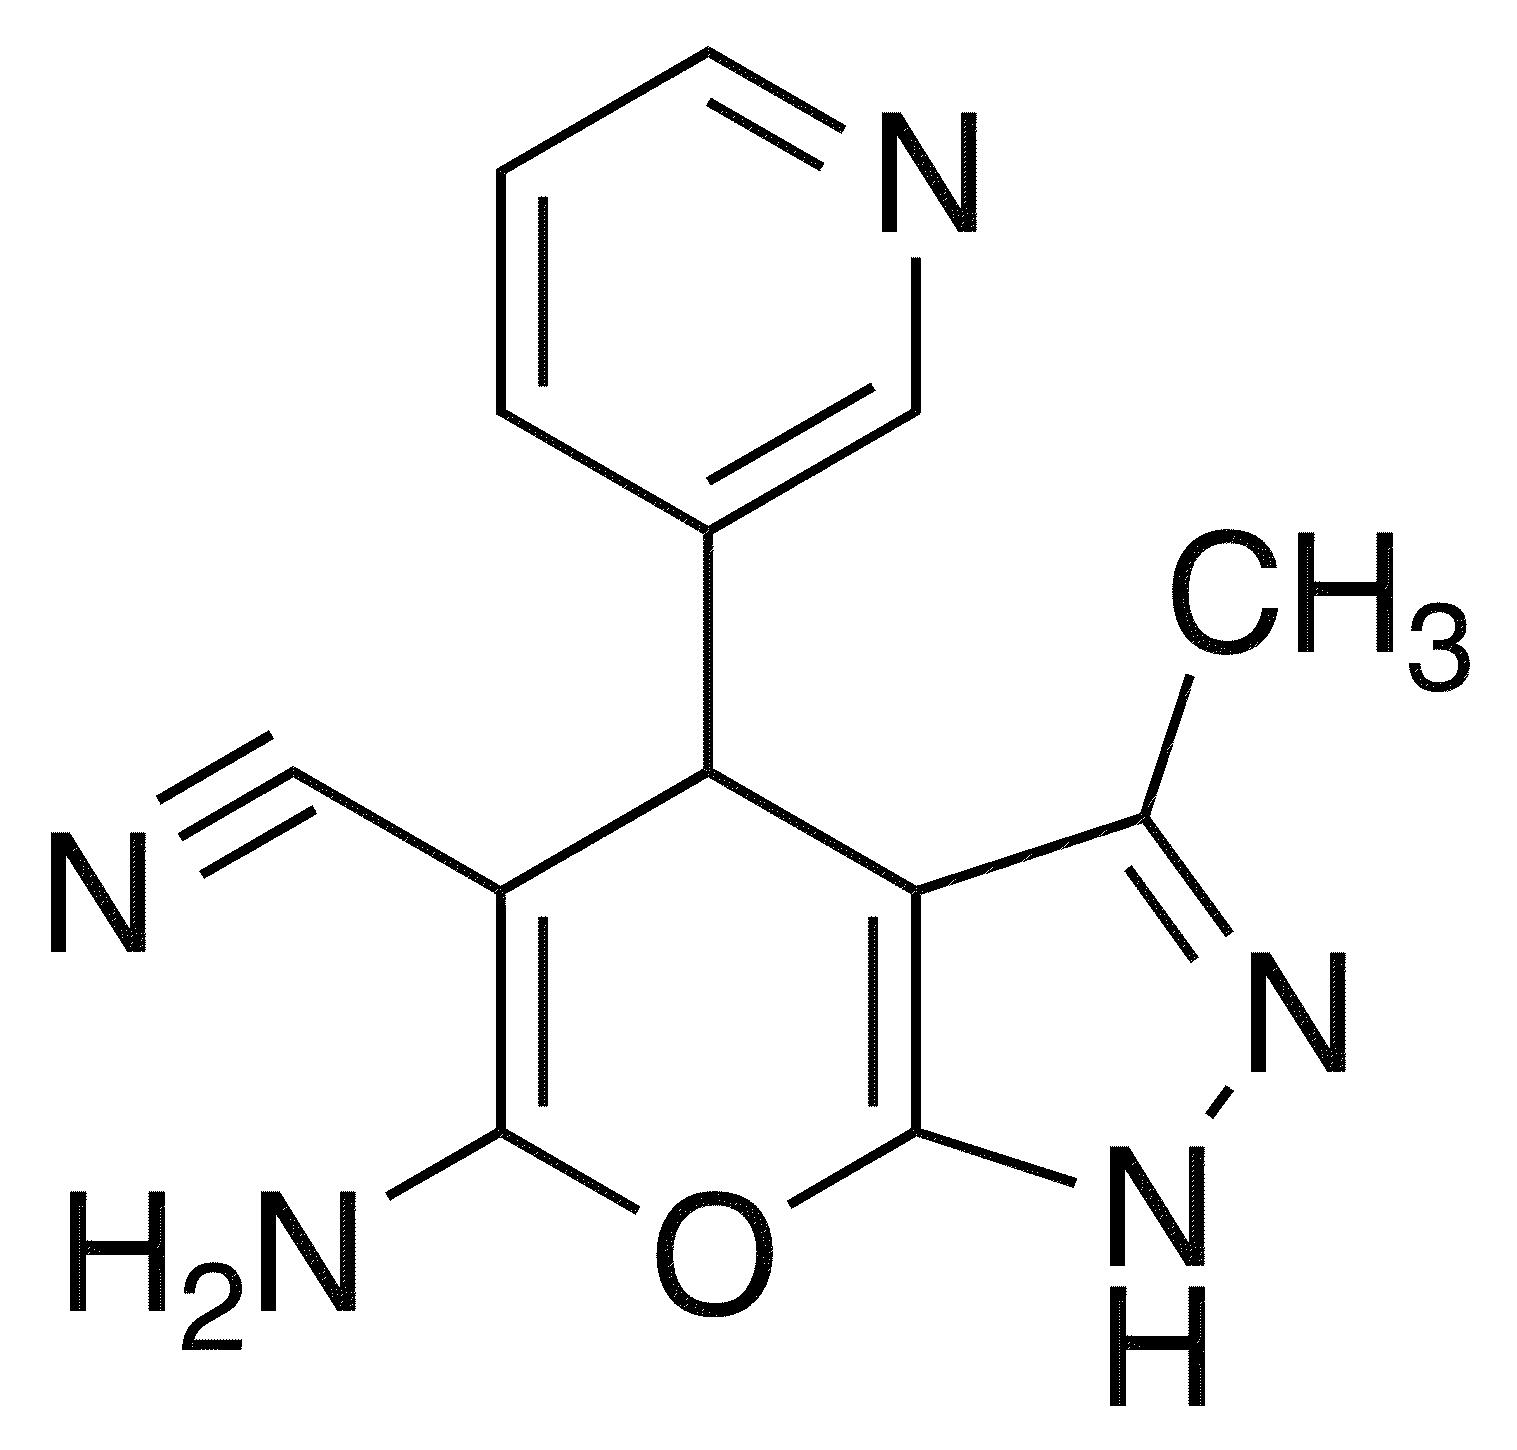 6-Amino-3-methyl-4-(3-pyridinyl)-1,4-dihydropyrano[2,3-c]pyrazole-5-carbonitrile